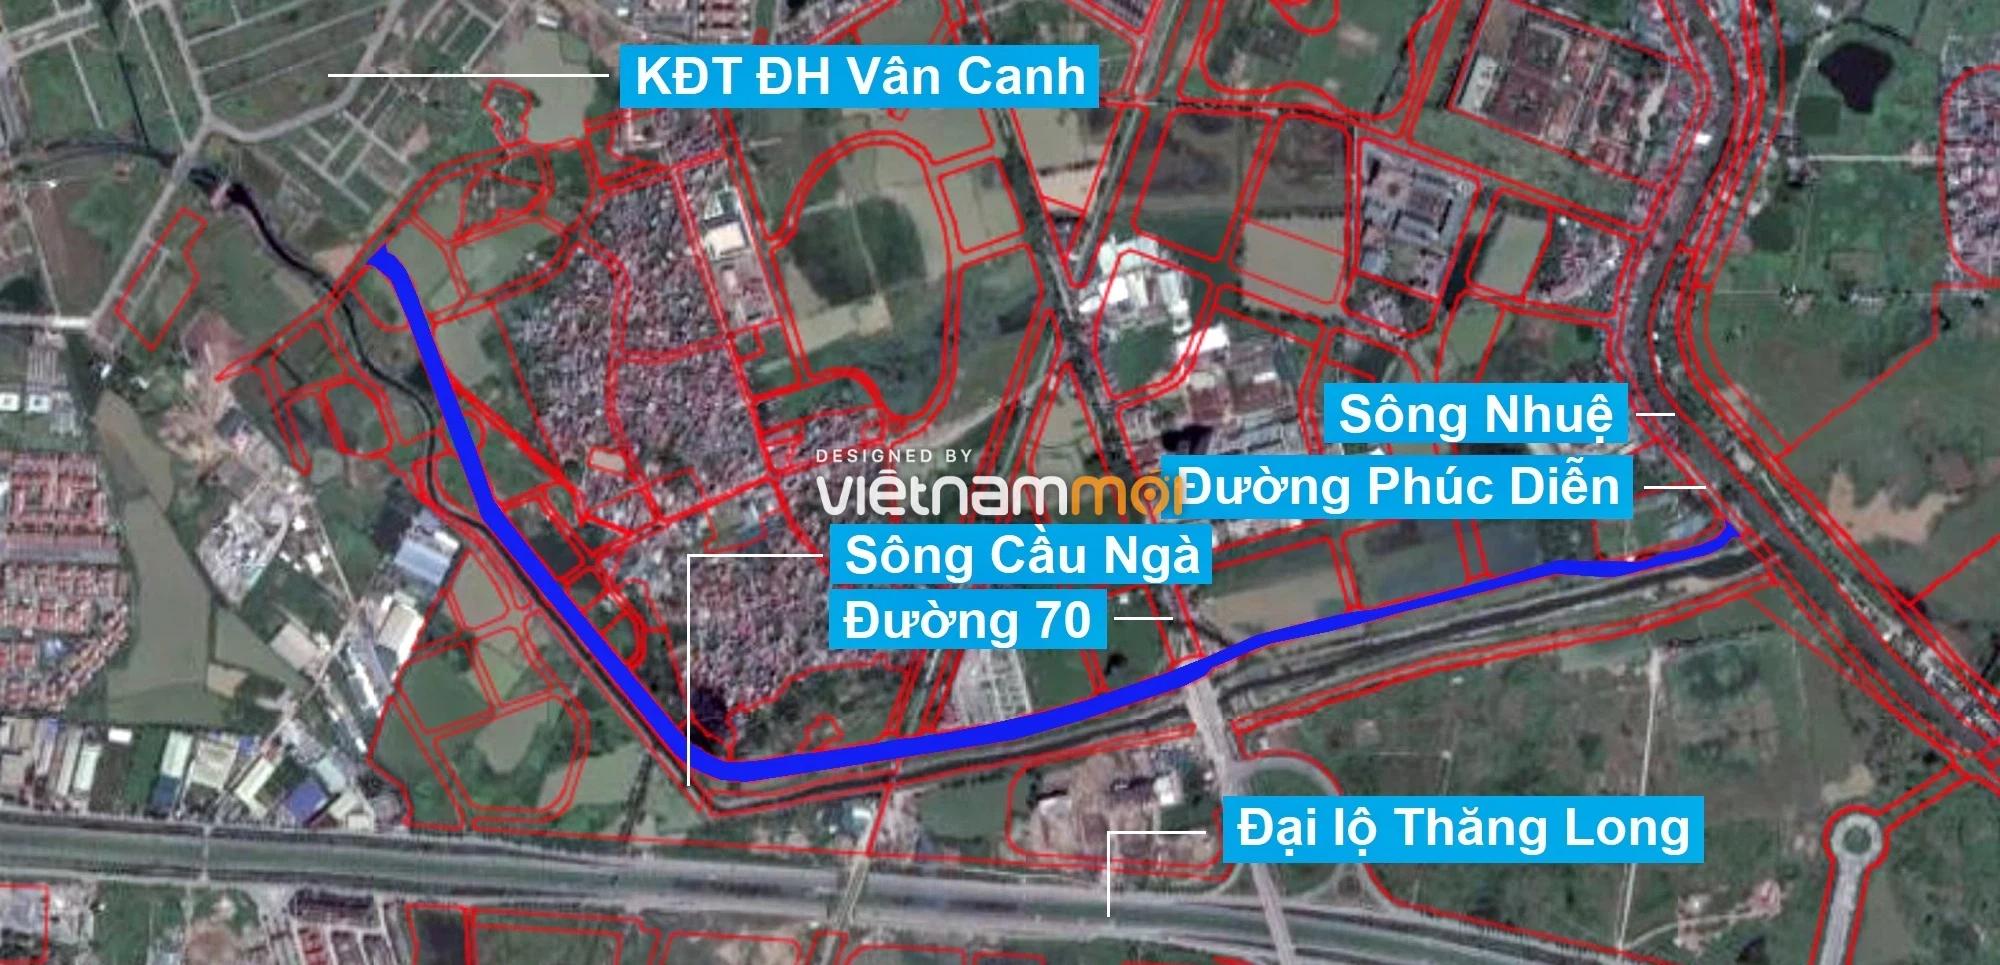 Những khu đất sắp thu hồi để mở đường ở phường Tây Mỗ, Nam Từ Liêm, Hà Nội (phần 6) - Ảnh 2.